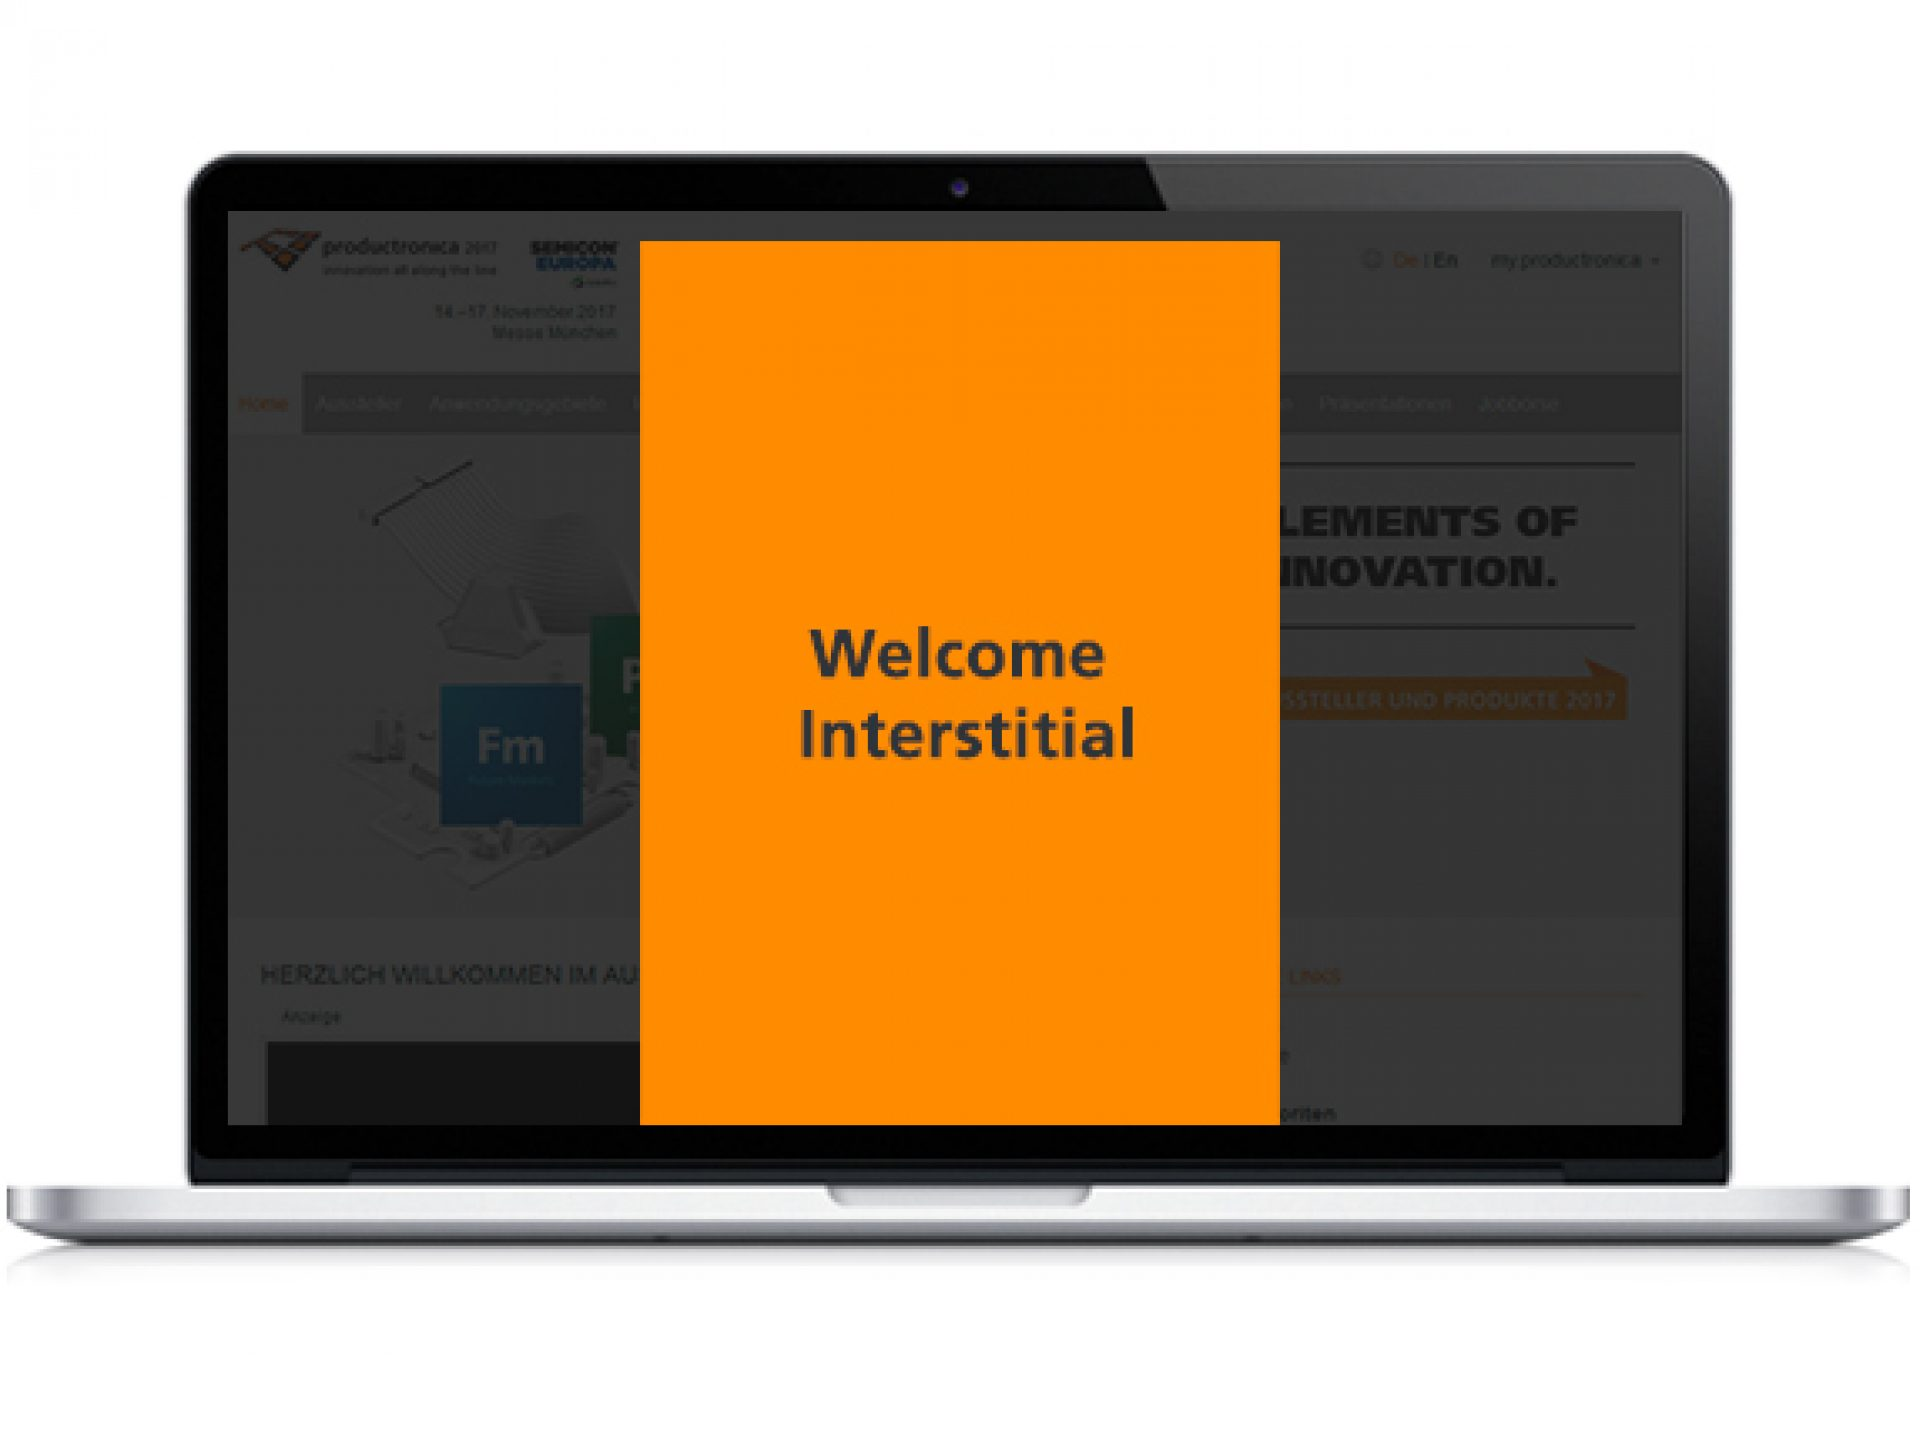 Welcome Interstitial auf der Startseite